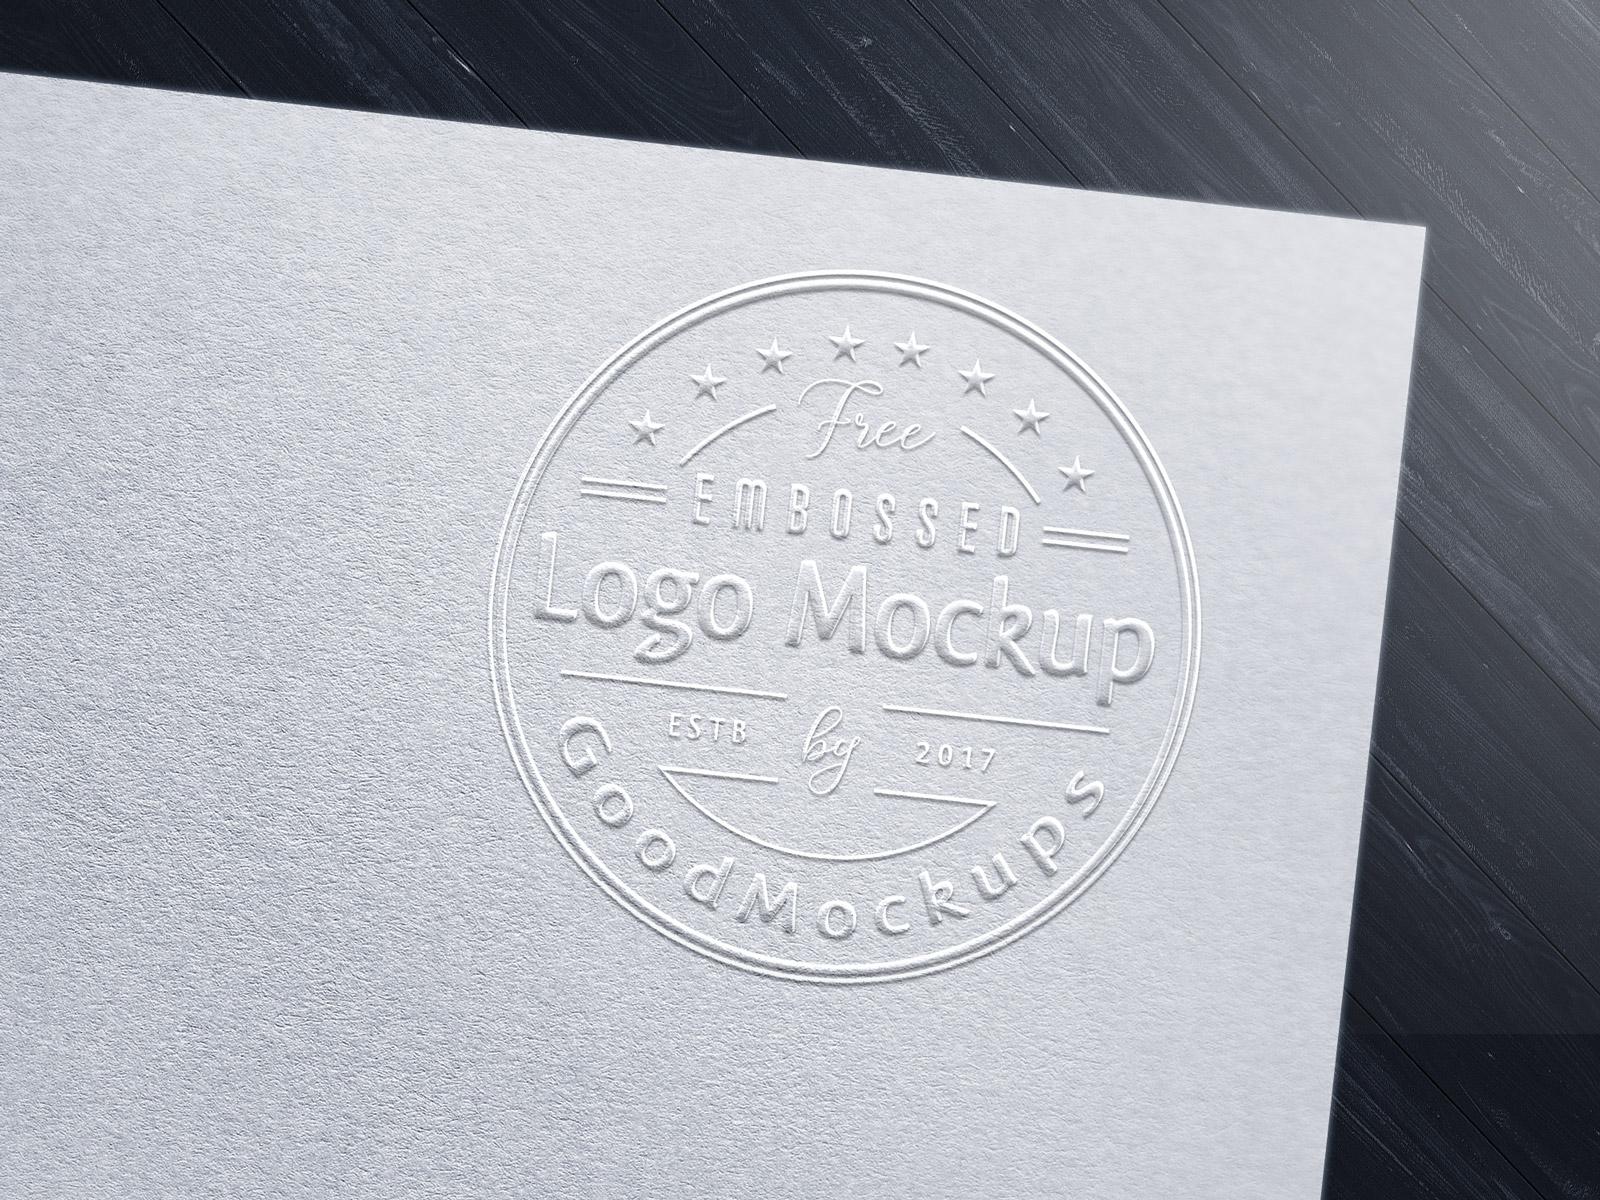 Free-Fancy-Art-Card-Embossed-Logo-Mockup-PSD